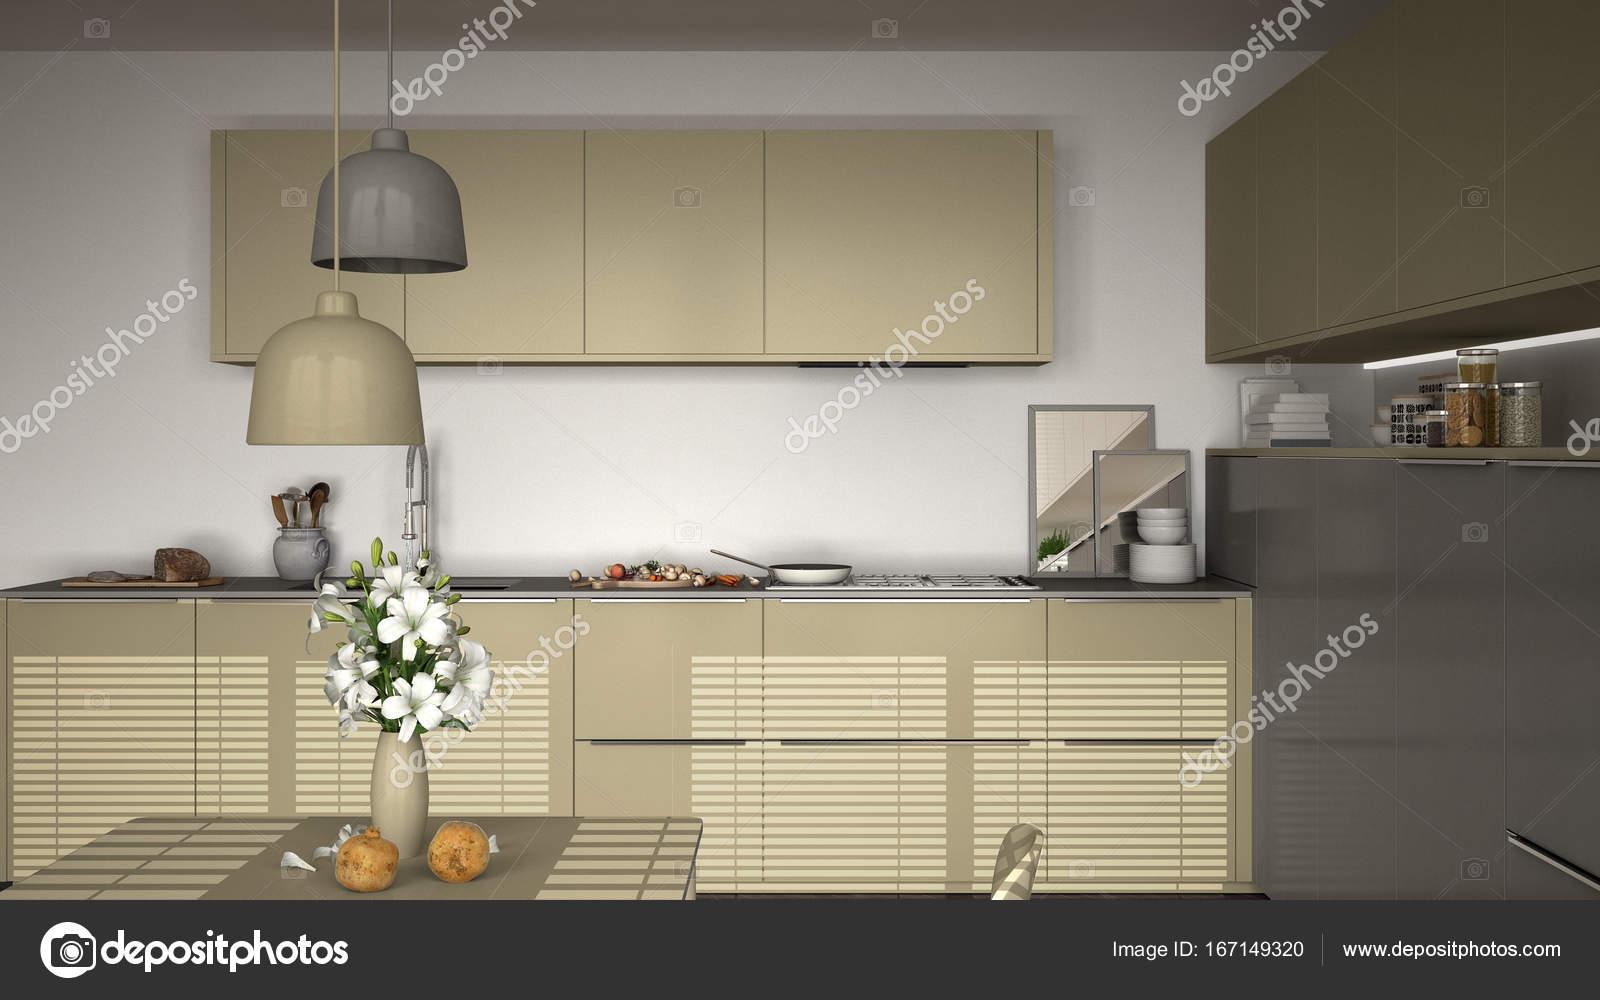 Cocina con mesa y sillas, cocina pan y comida, clos — Foto de stock ...